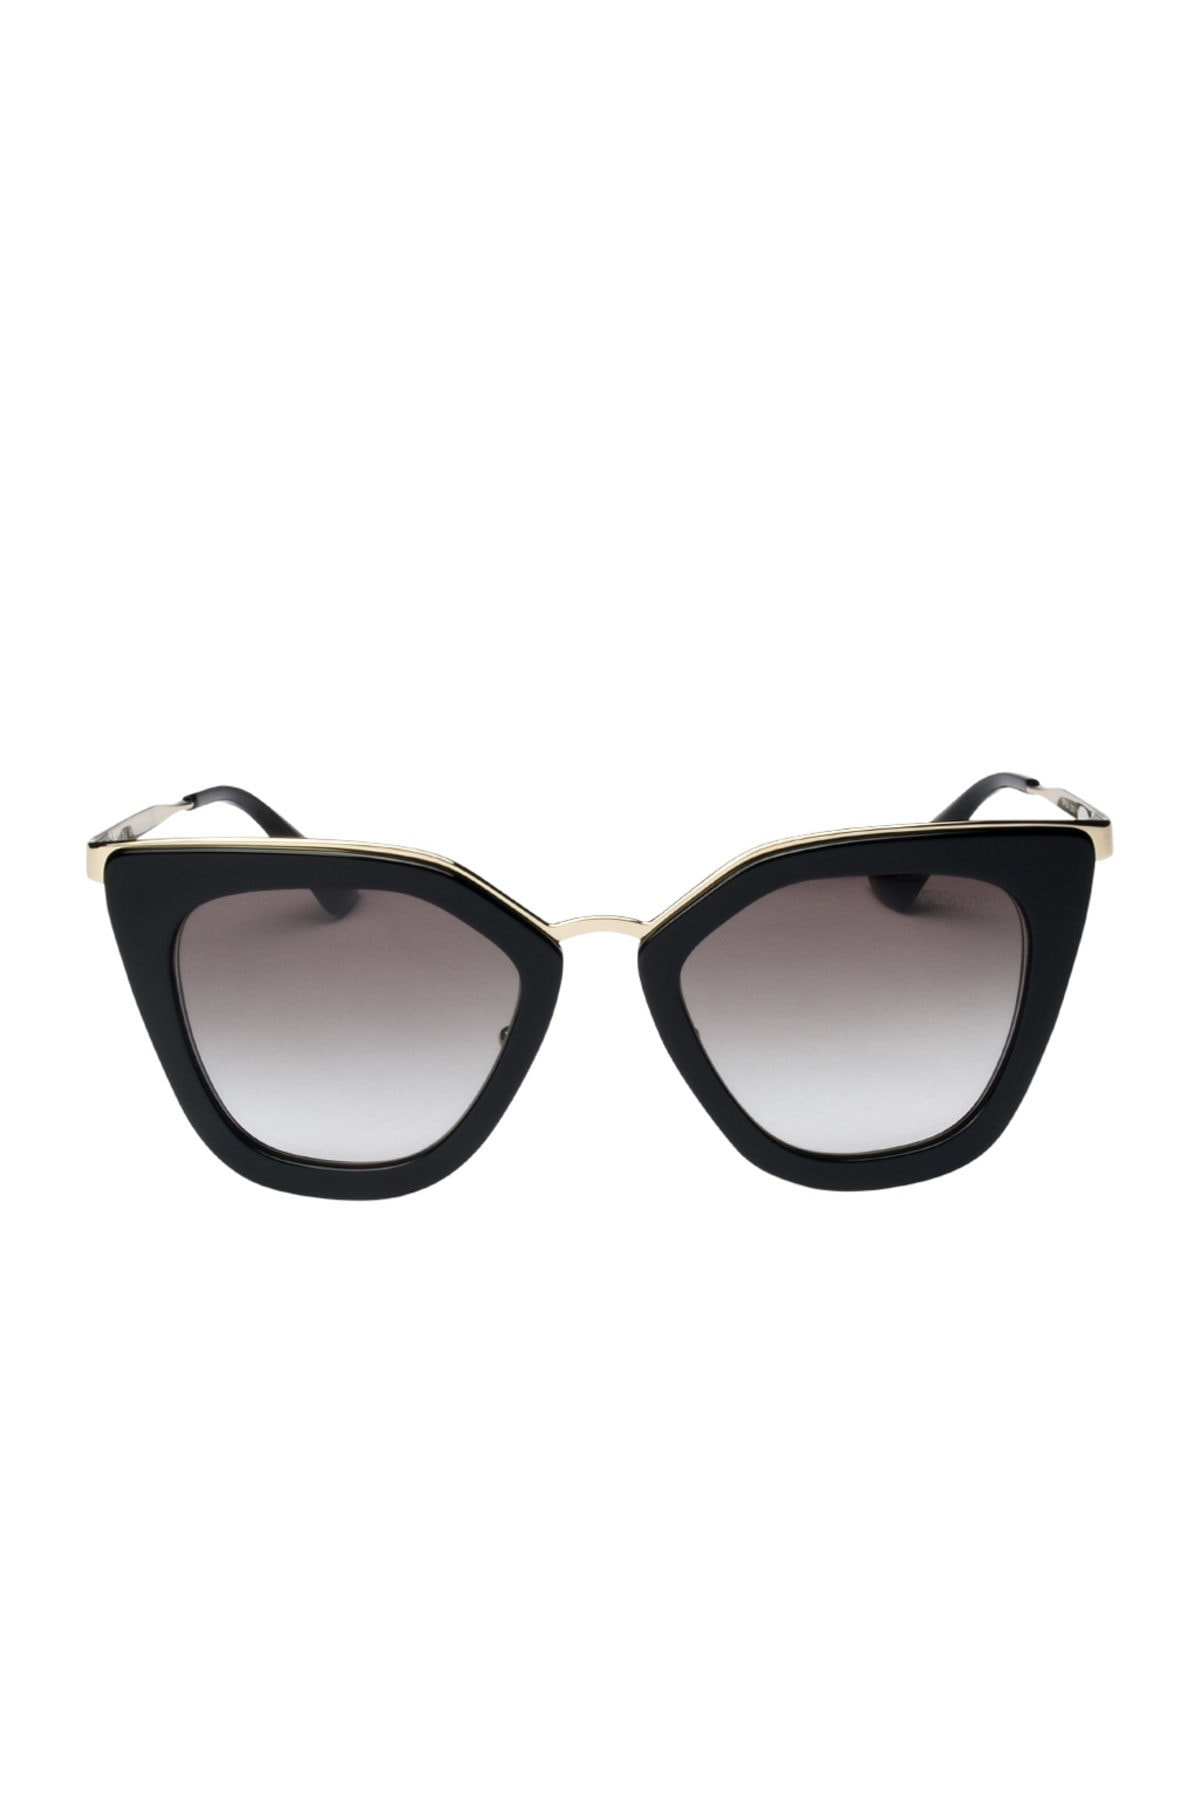 عینک آفتابی زنانه ترک برند Prada کد ty731506